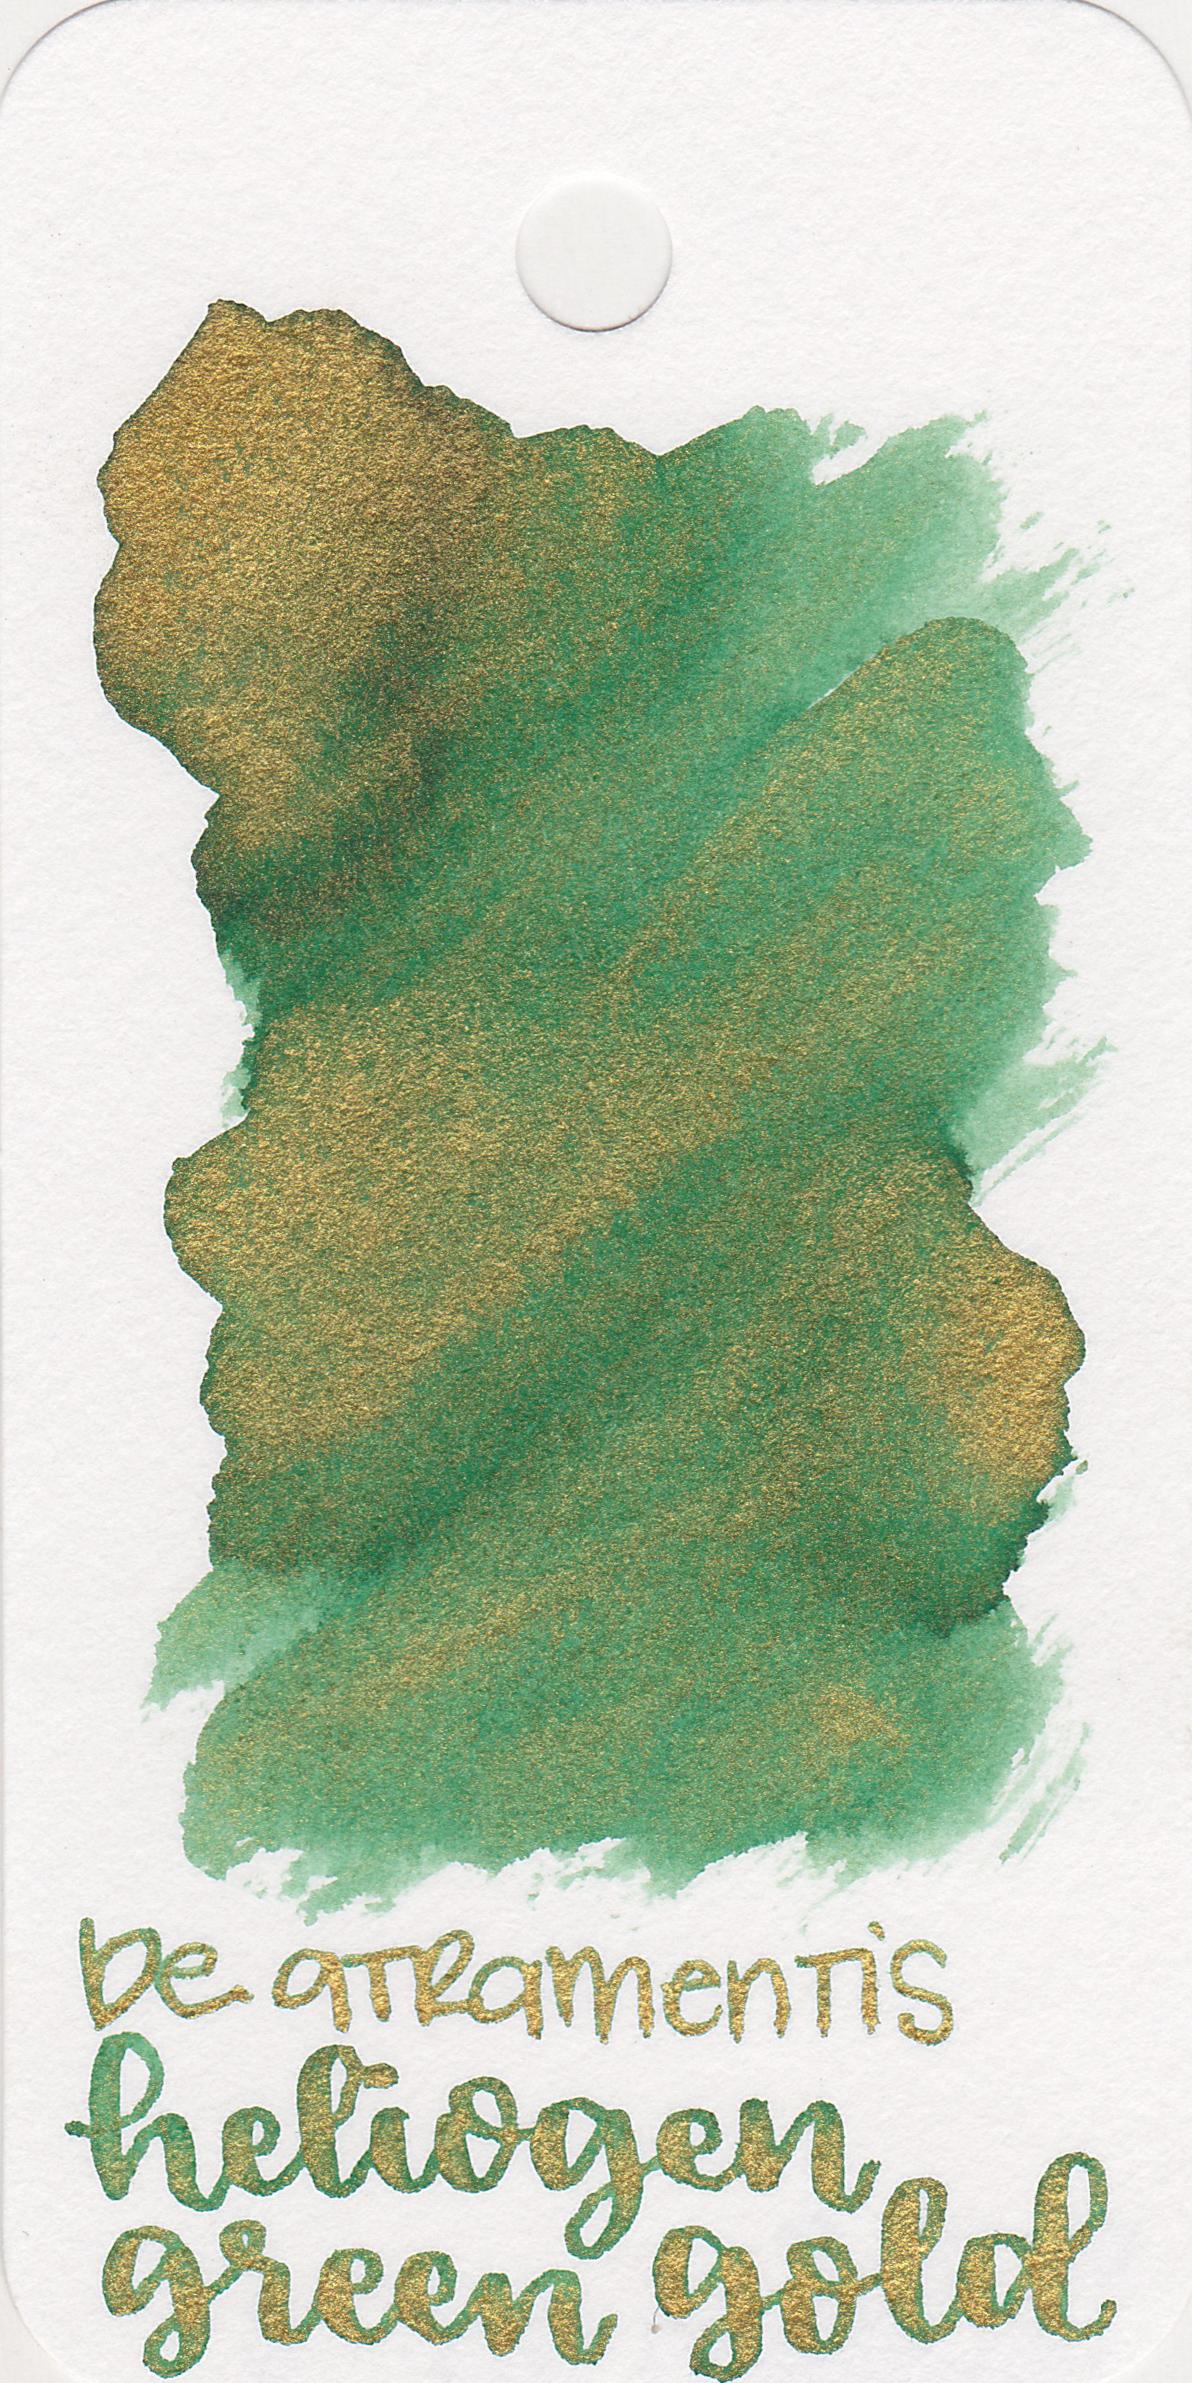 da-heliogen-green-gold-1.jpg